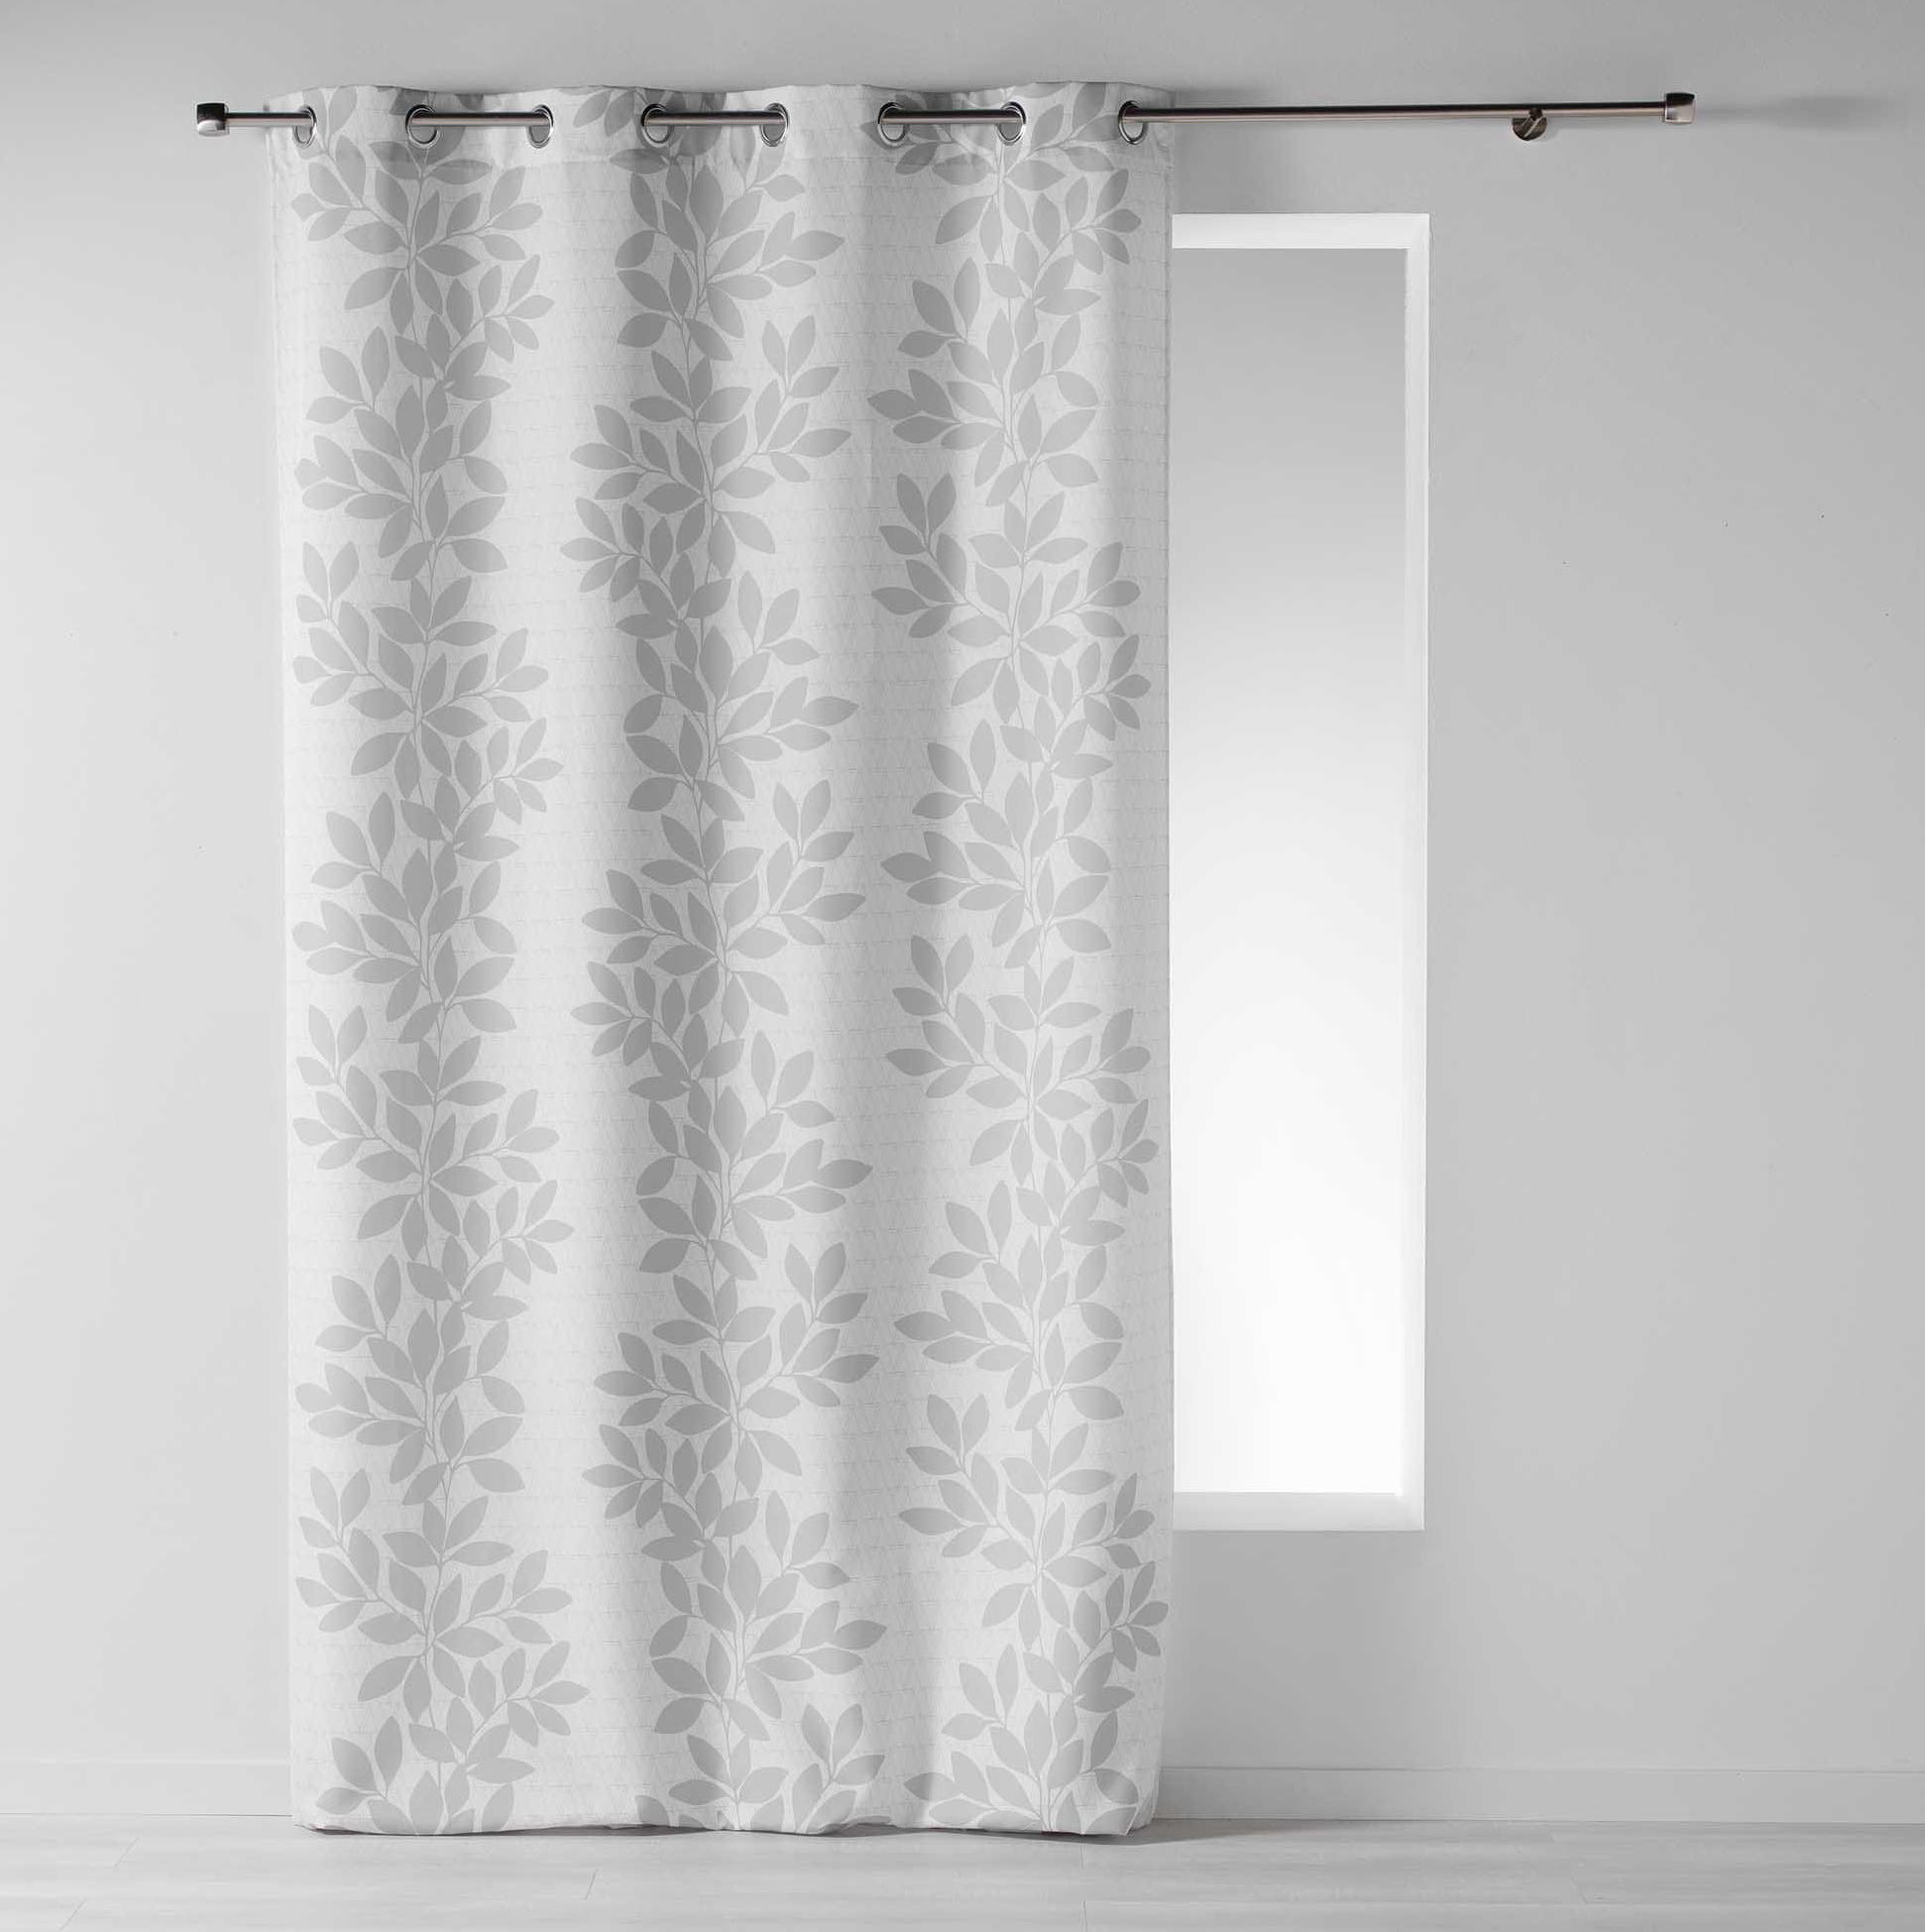 Kvalitní závěs bílé barvy s šedými lístky 140 x 260 cm